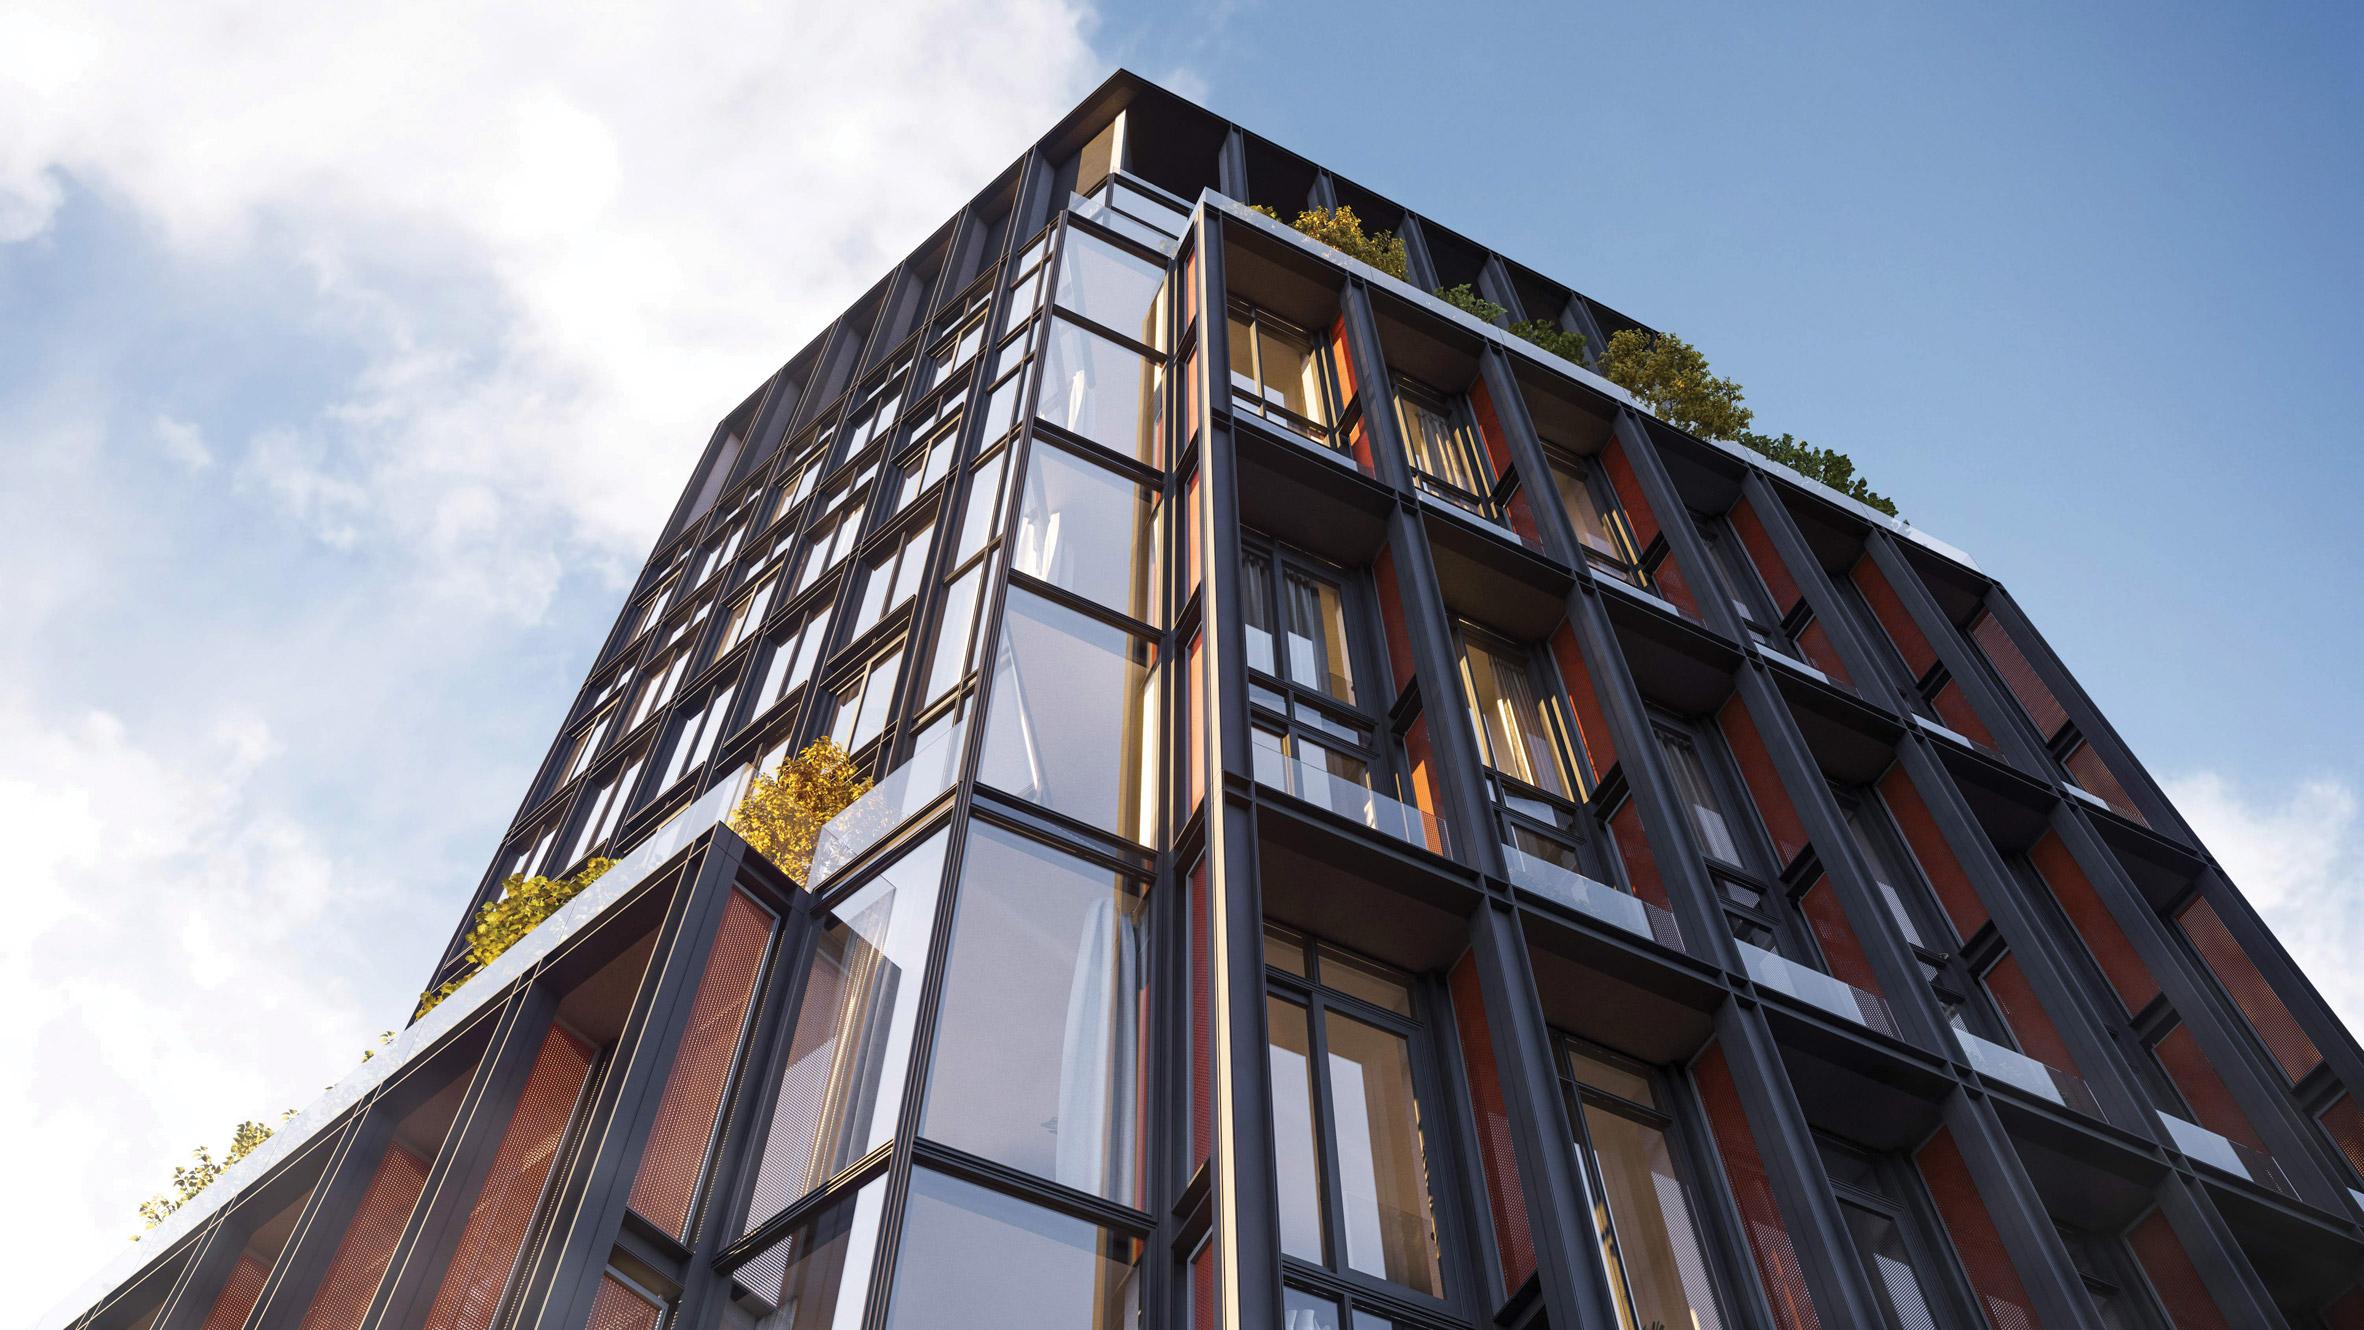 Steel and copper facade of No 33 Park Row